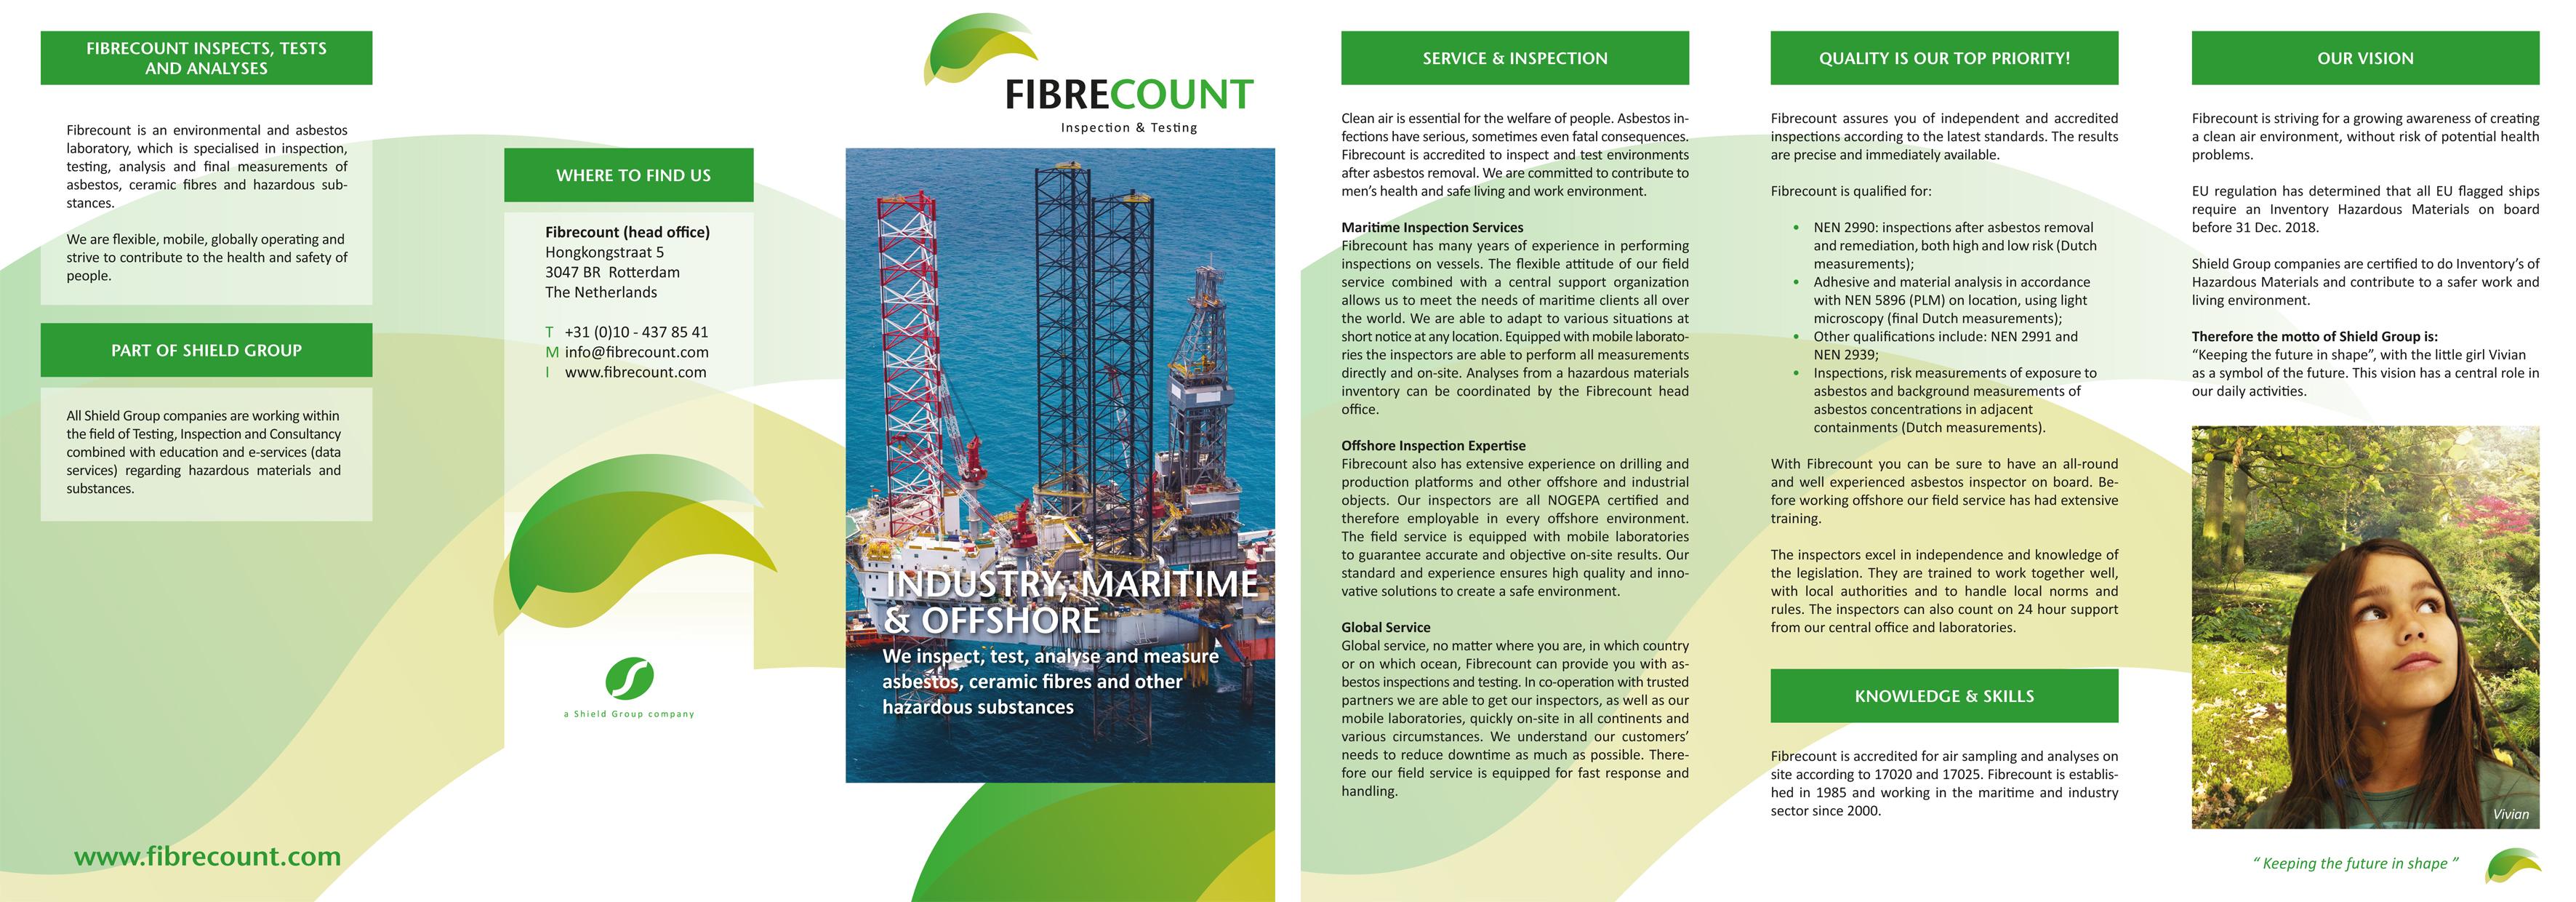 fibrecount1